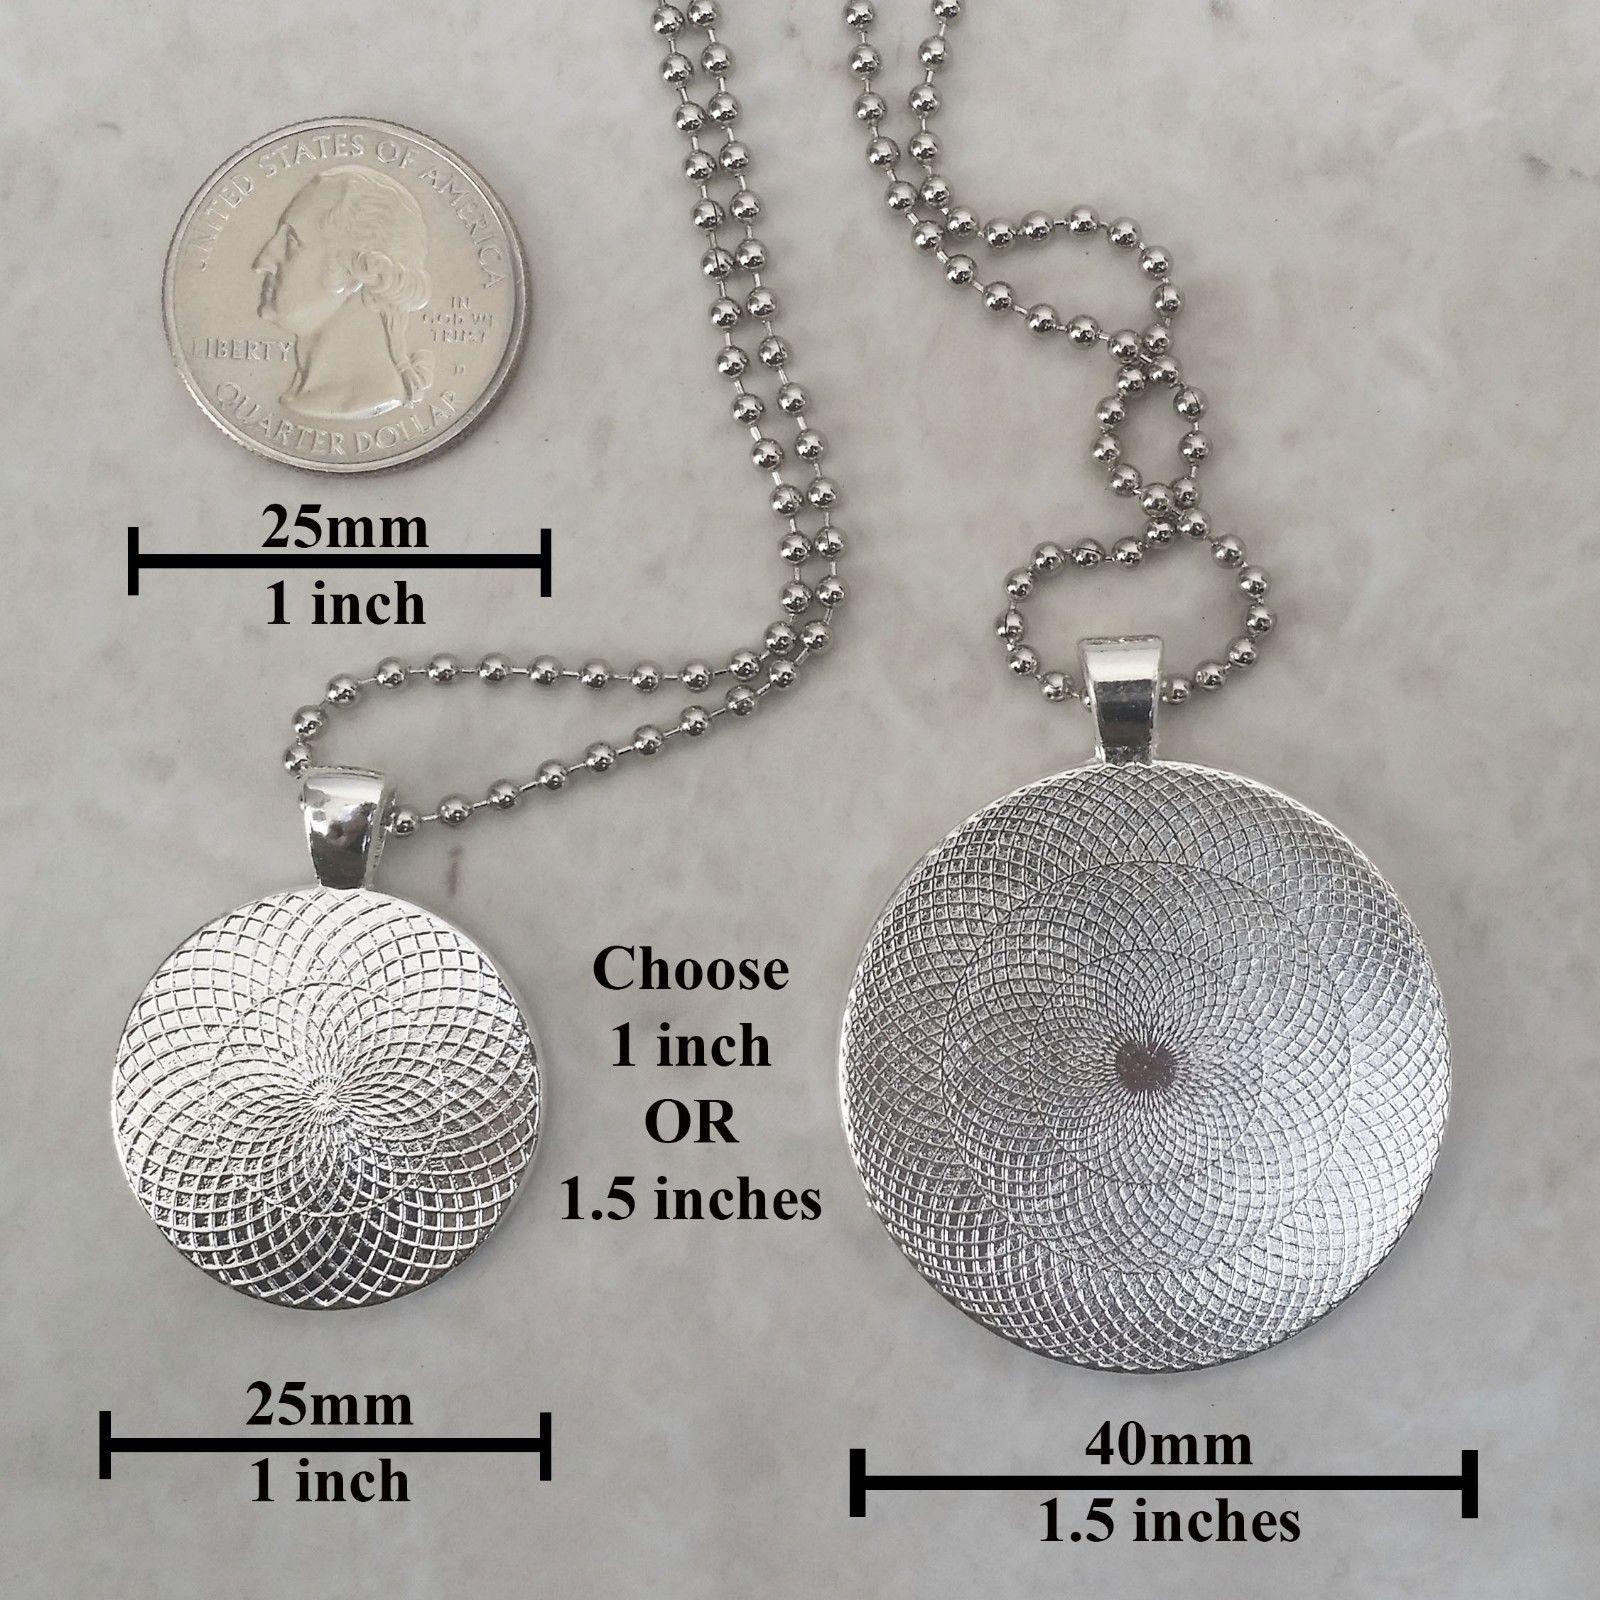 Kali Yantra Pendant Necklace image 2